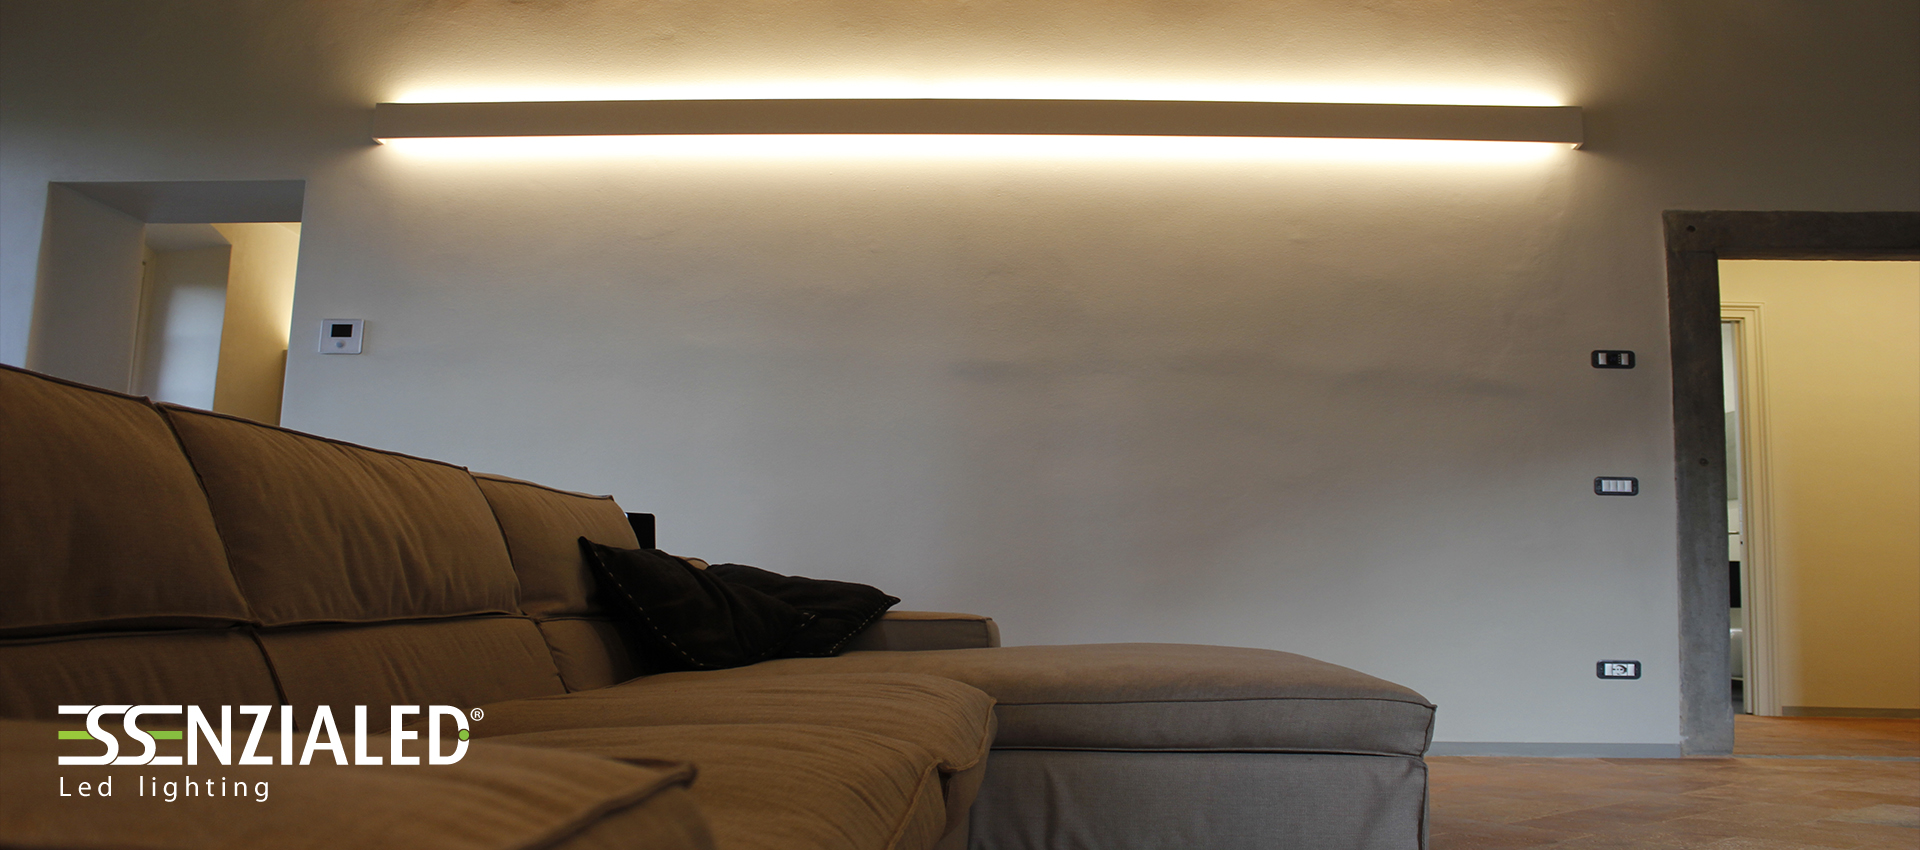 Righello lampada a parete led prodotta su misura for Lampade interni design